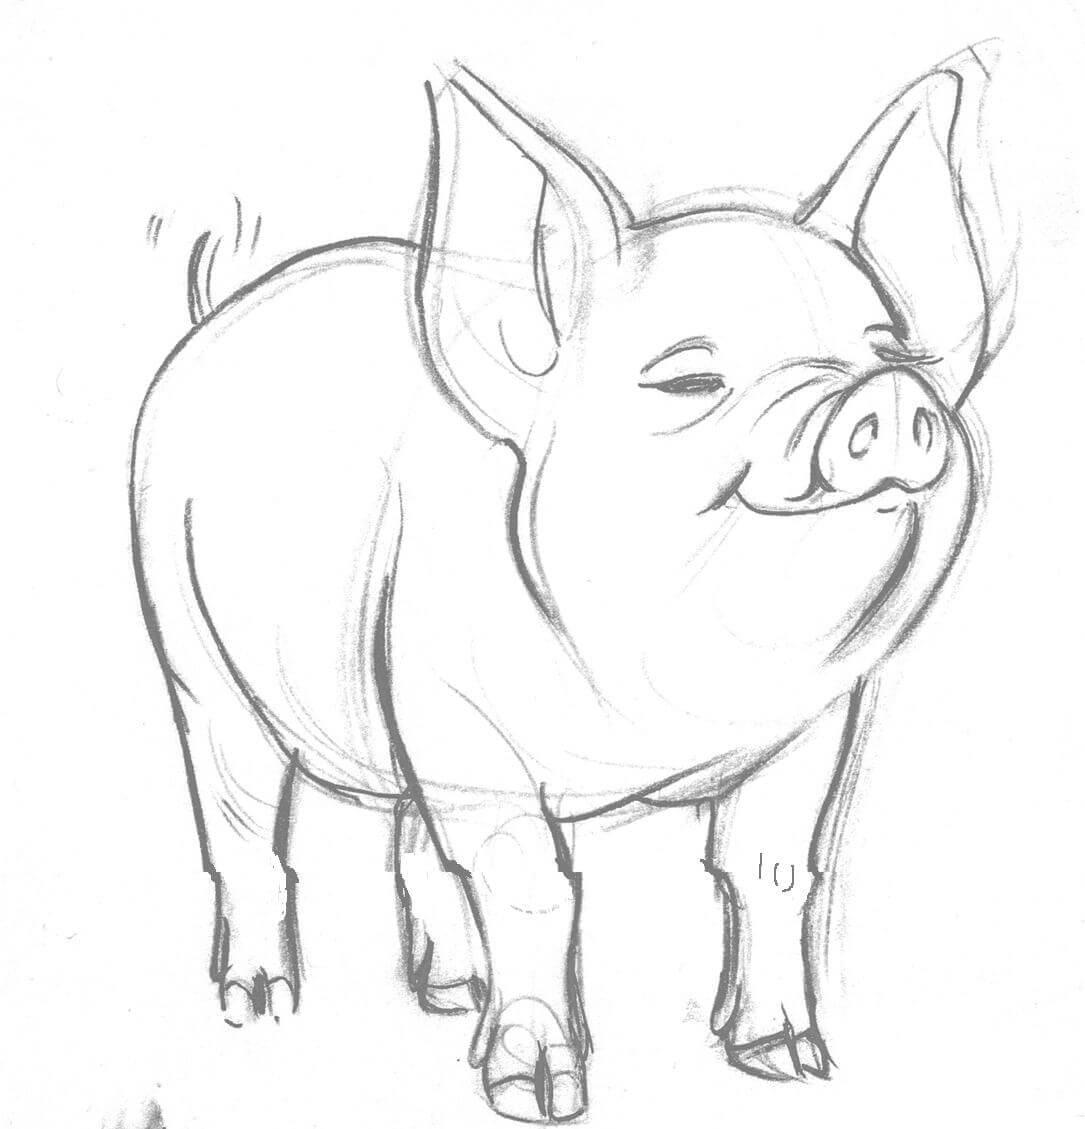 Прикольные картинки свиньи для срисовки - подборка 20